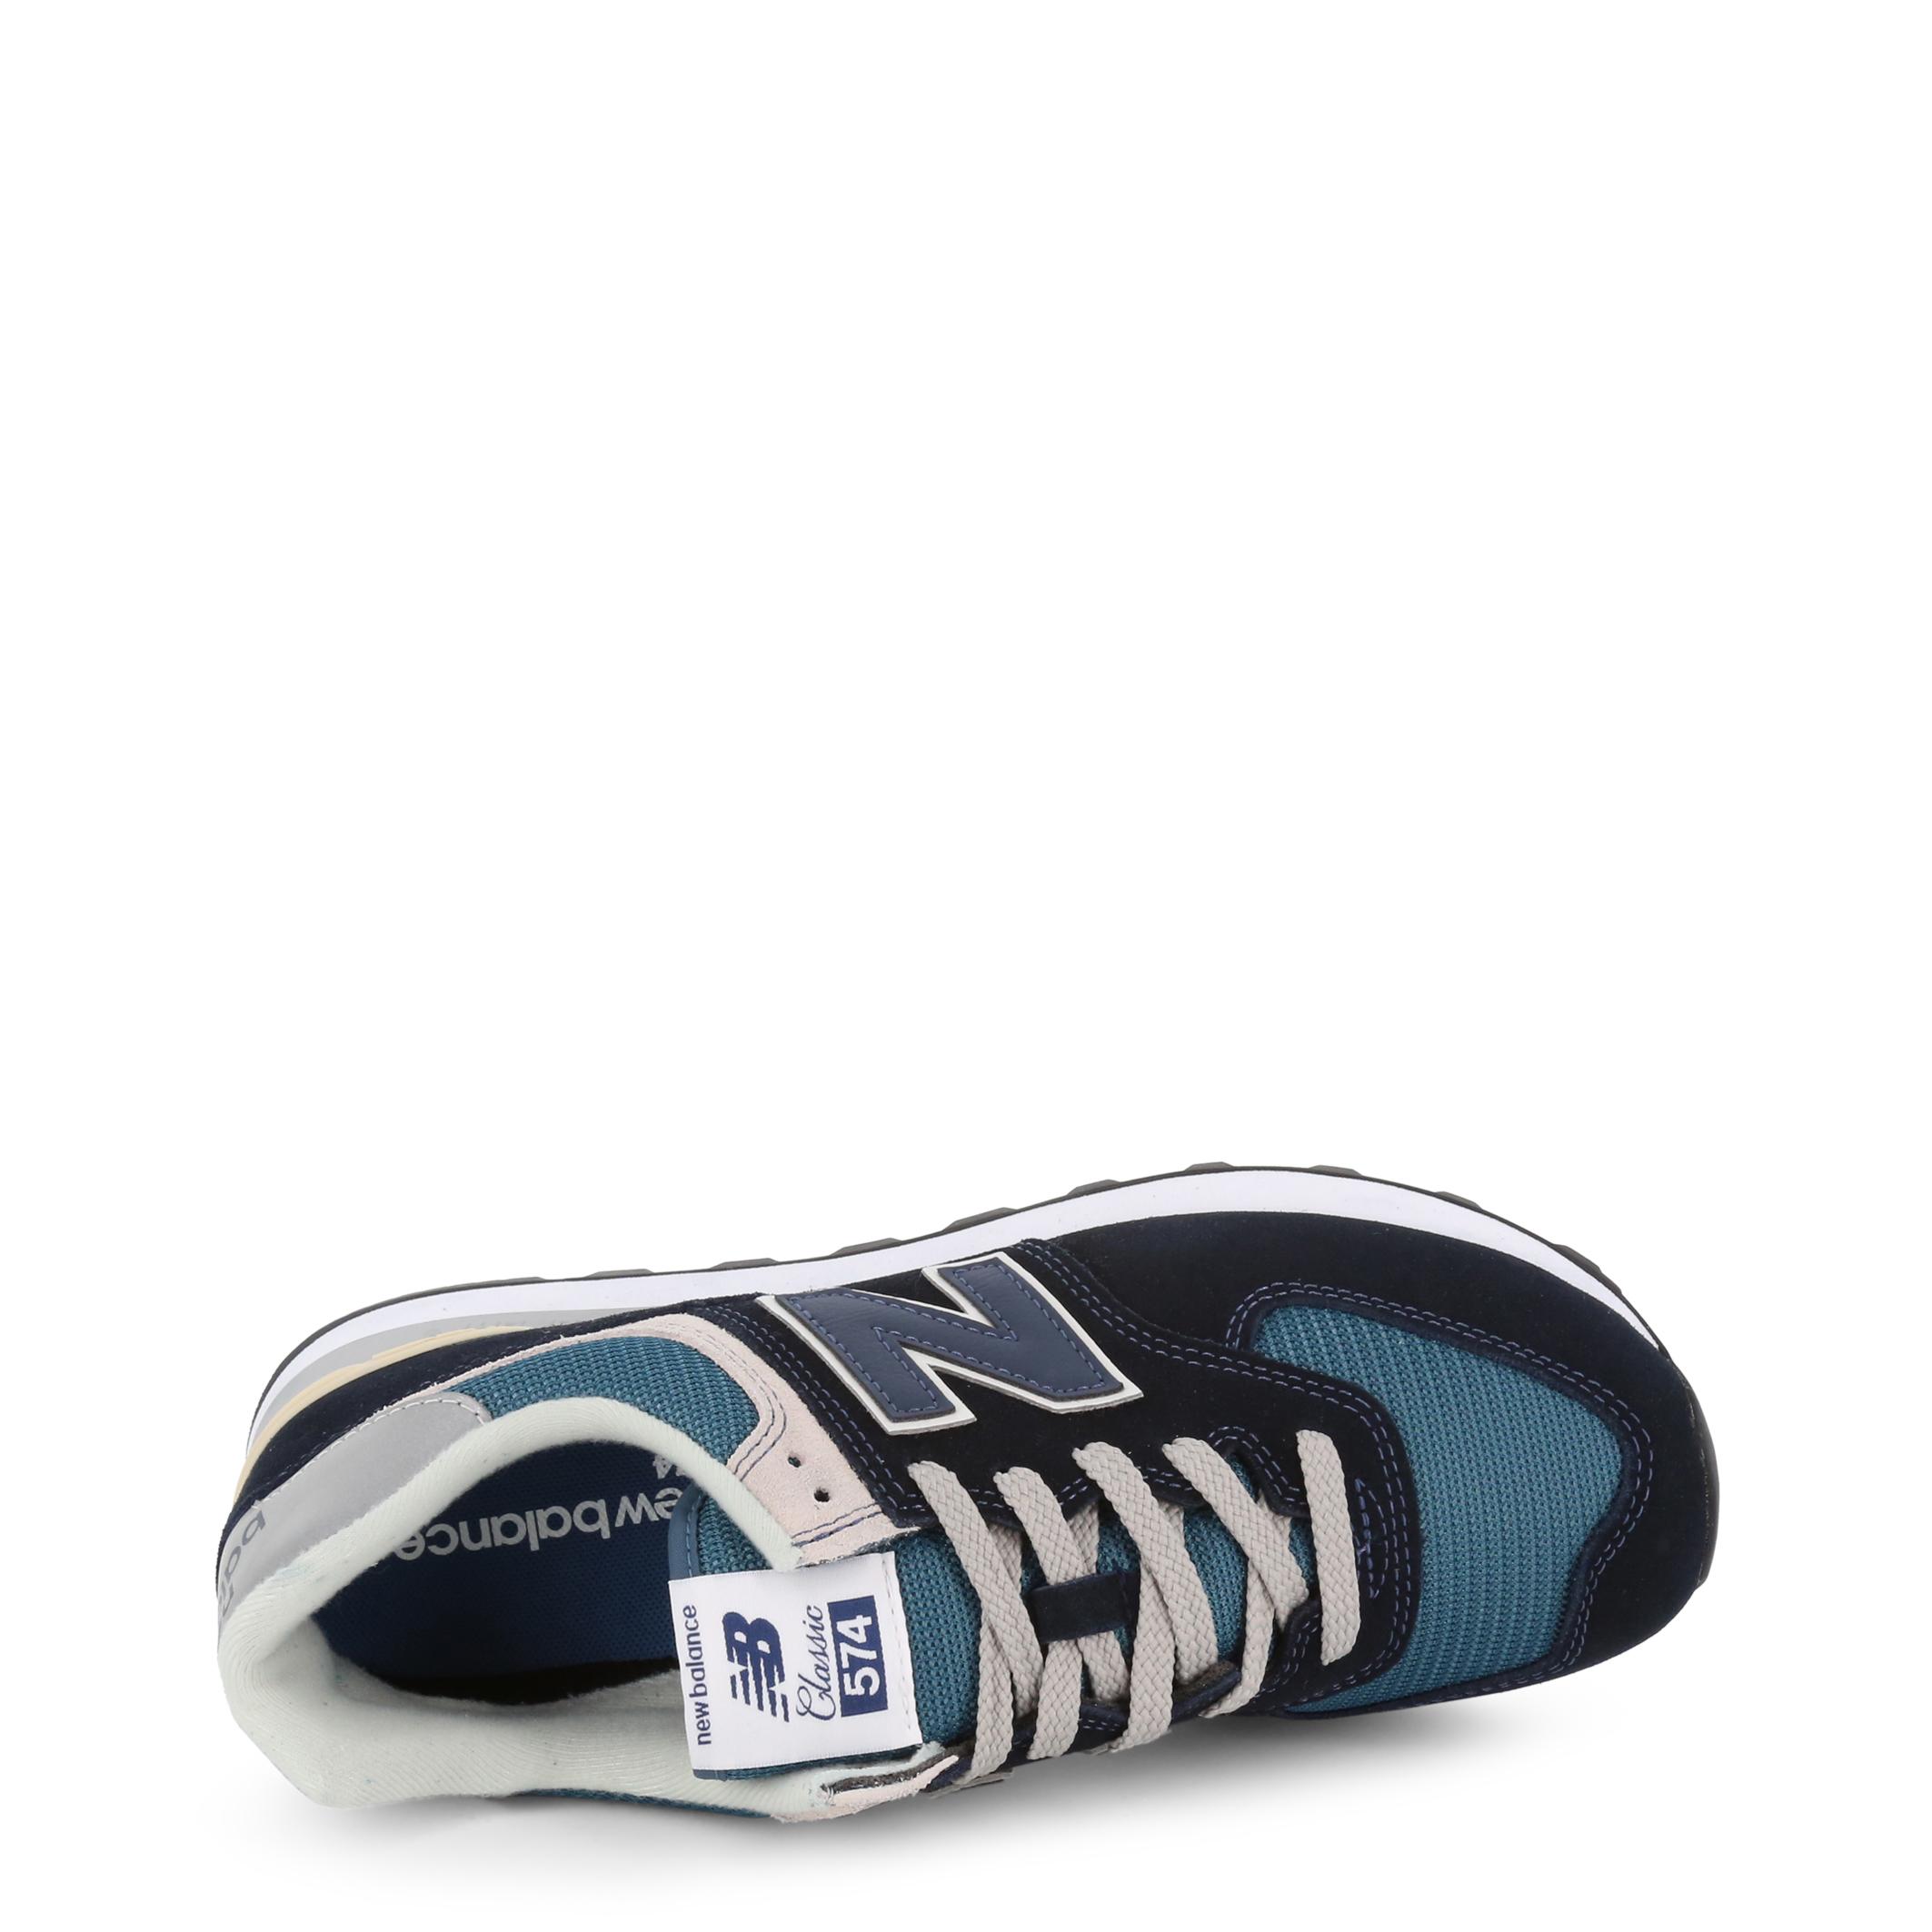 Baskets / Sport  New balance ML574 blue